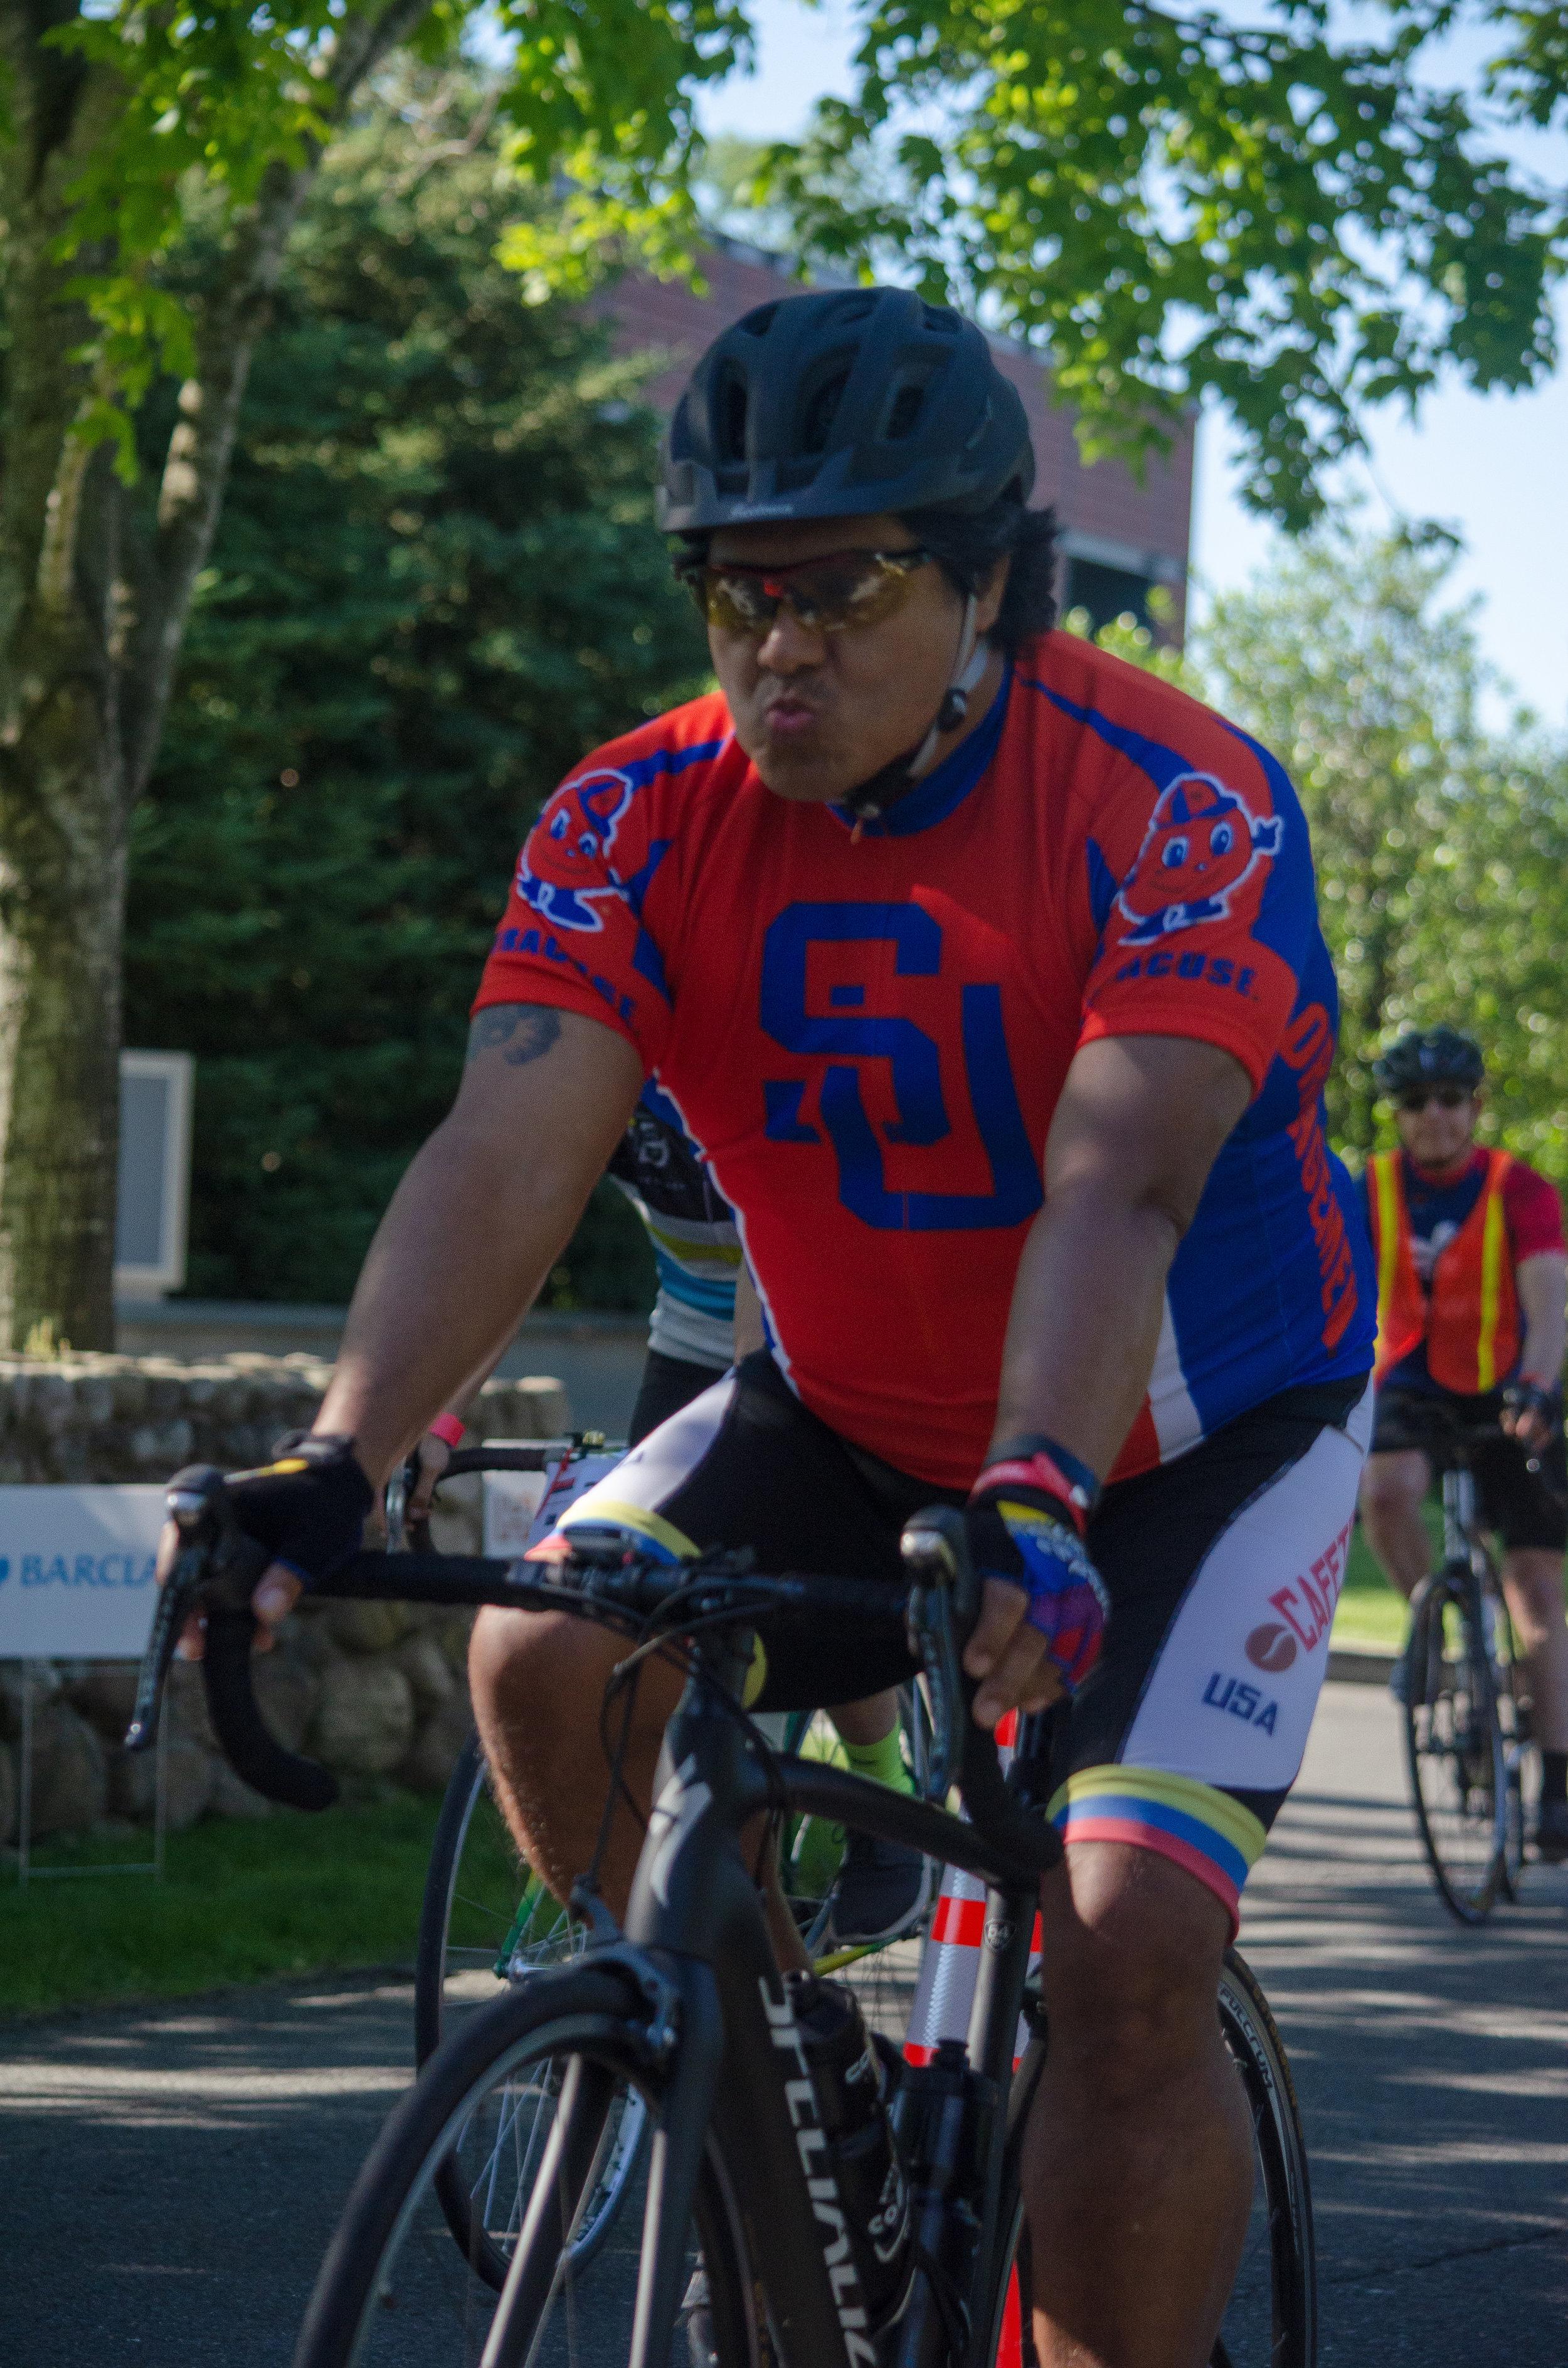 Riders_DSC_0792.jpg